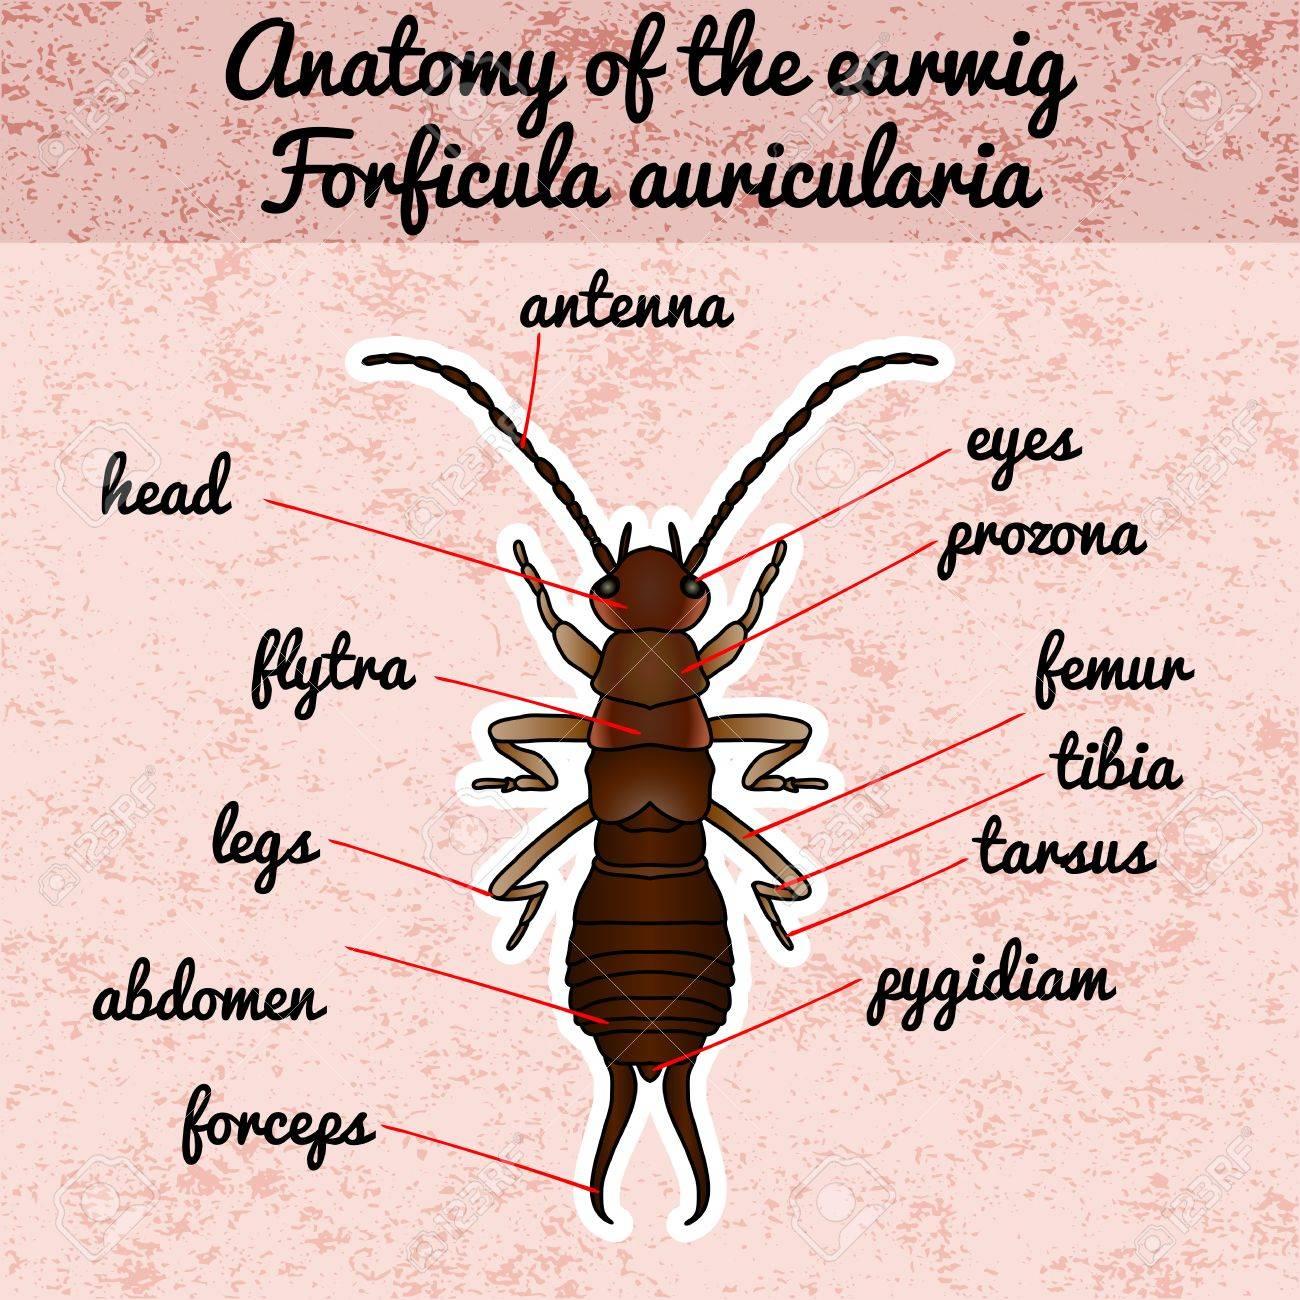 Anatomía De Insectos. Pegatina Forficula Auricularia. Tijereta ...